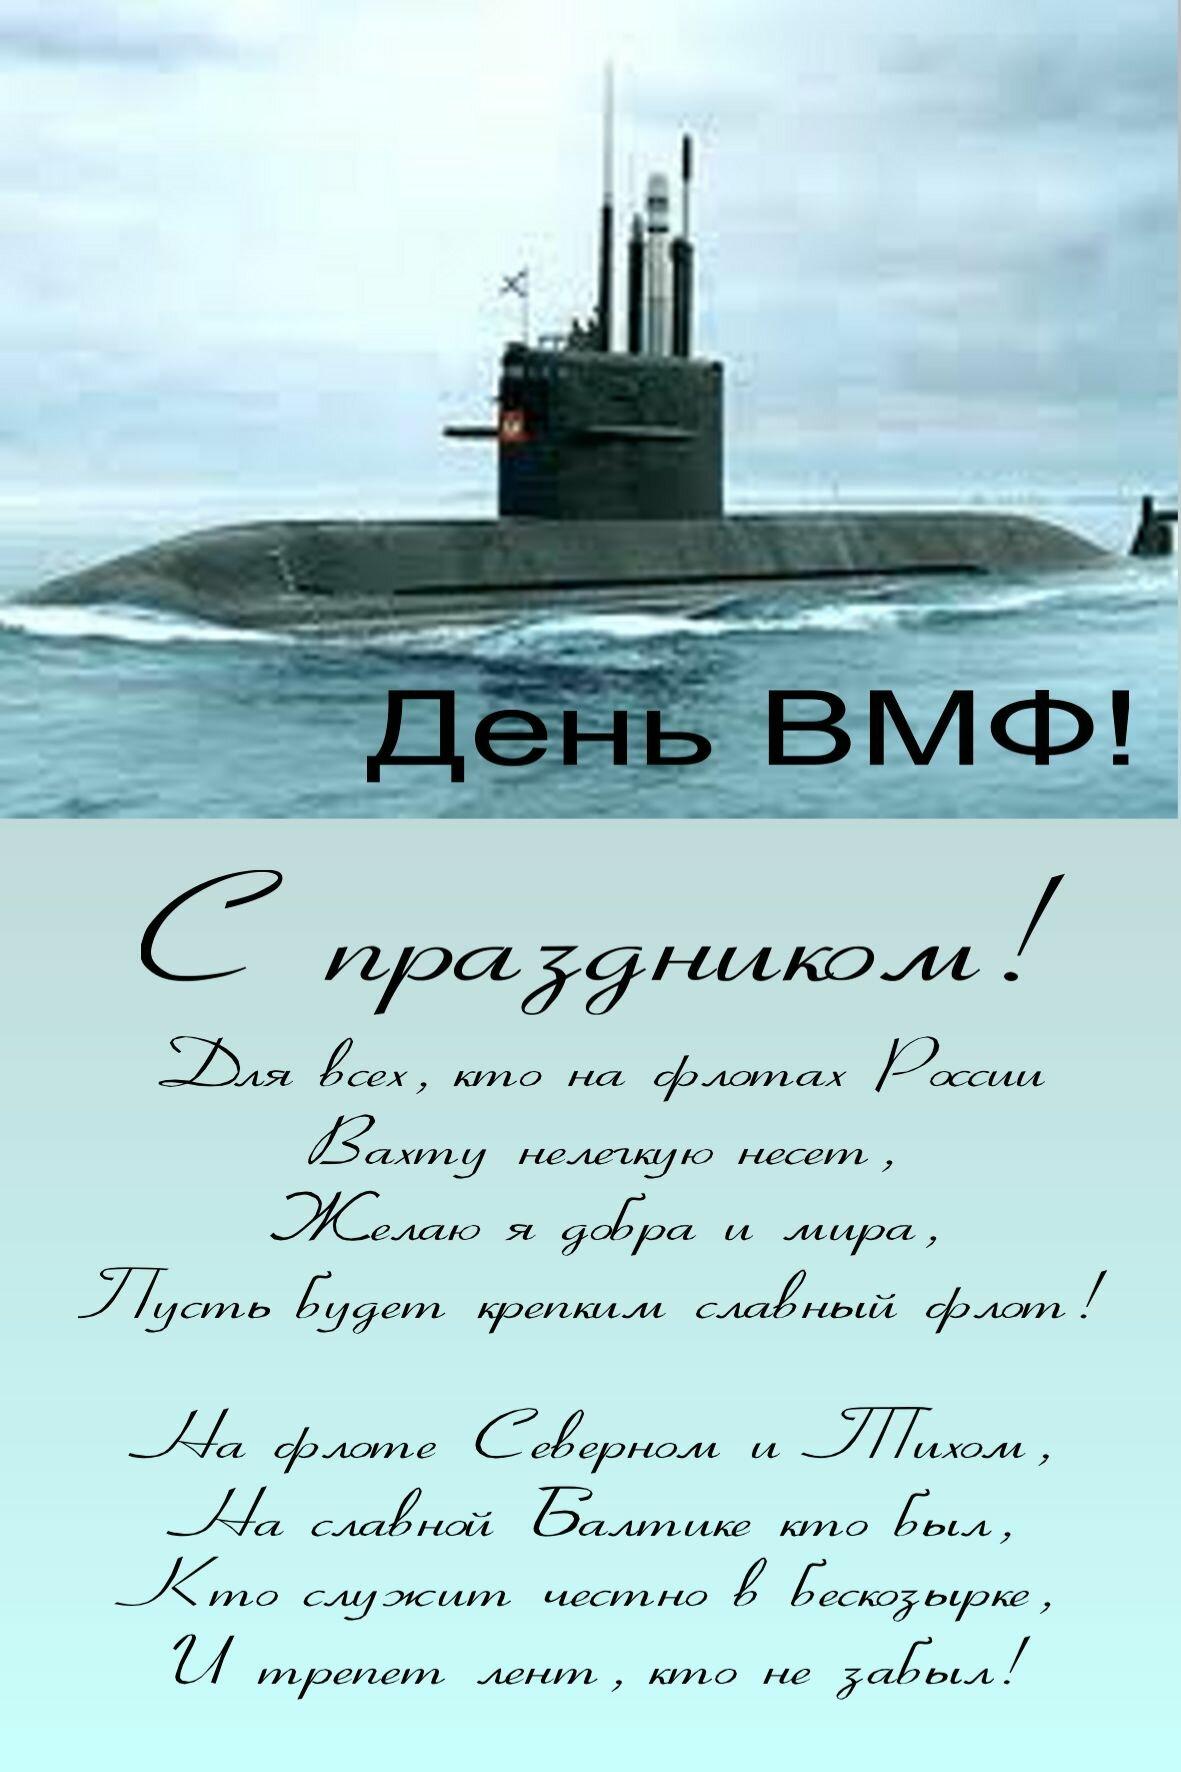 Прикольные смс поздравление с днем флота